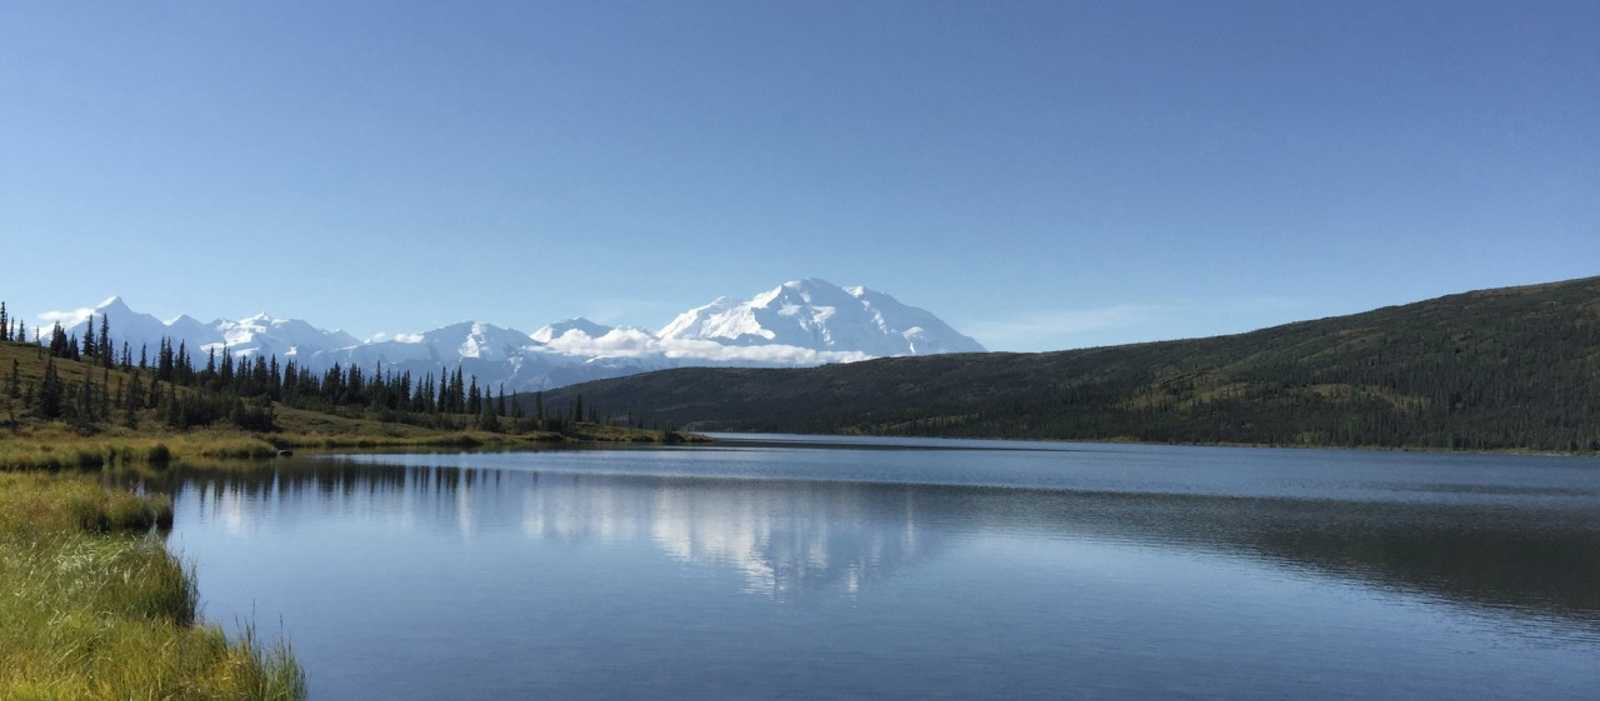 Blick auf den Denali Berg in Alaska